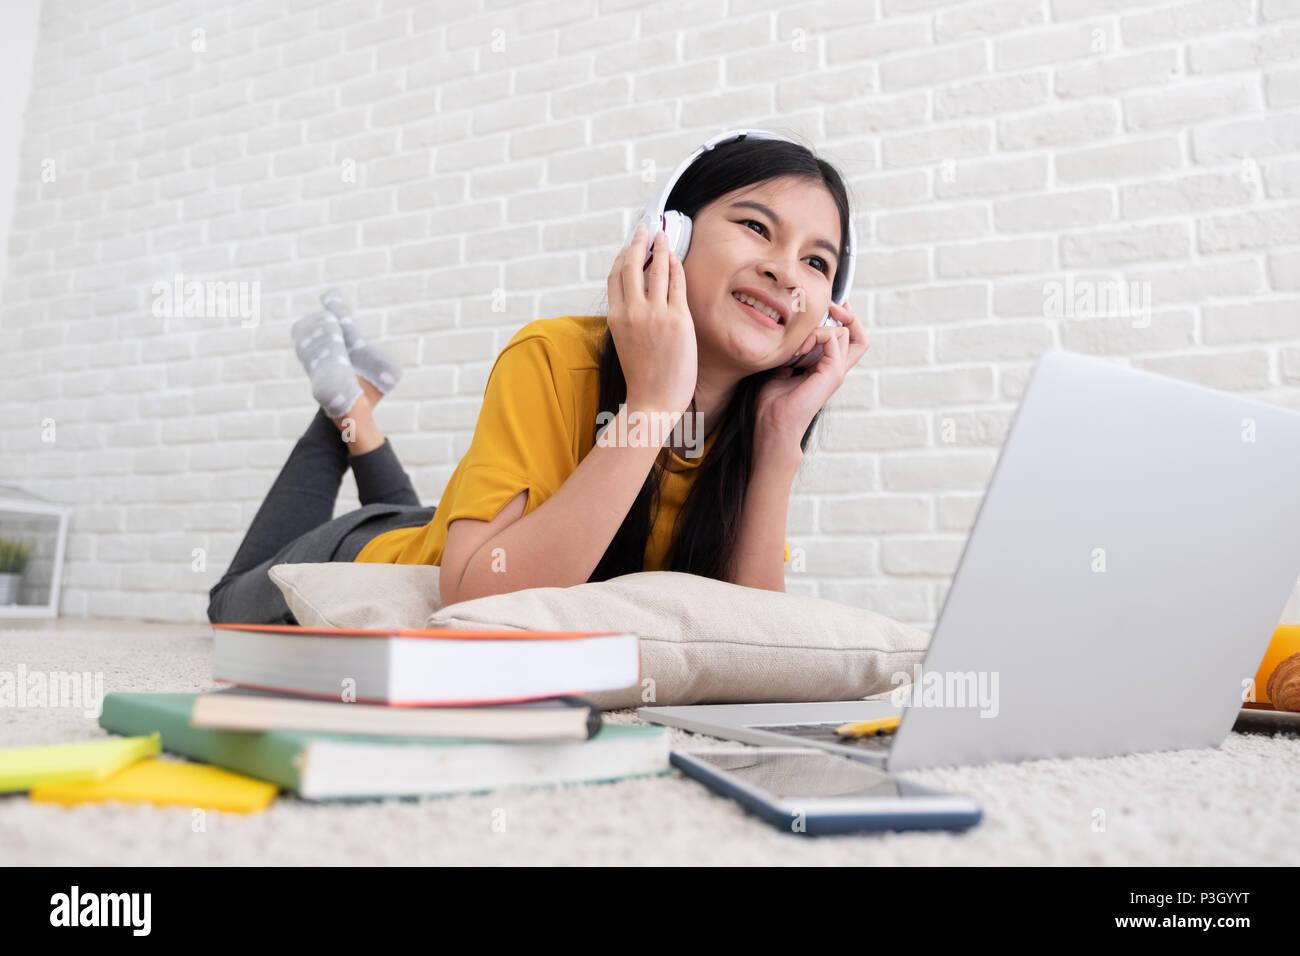 Mujeres asiáticas escuchar música y usar equipo portátil para trabajar en casa.mujer sentar sobre una alfombra de pared de ladrillo.trabajo estilo de vida online Imagen De Stock